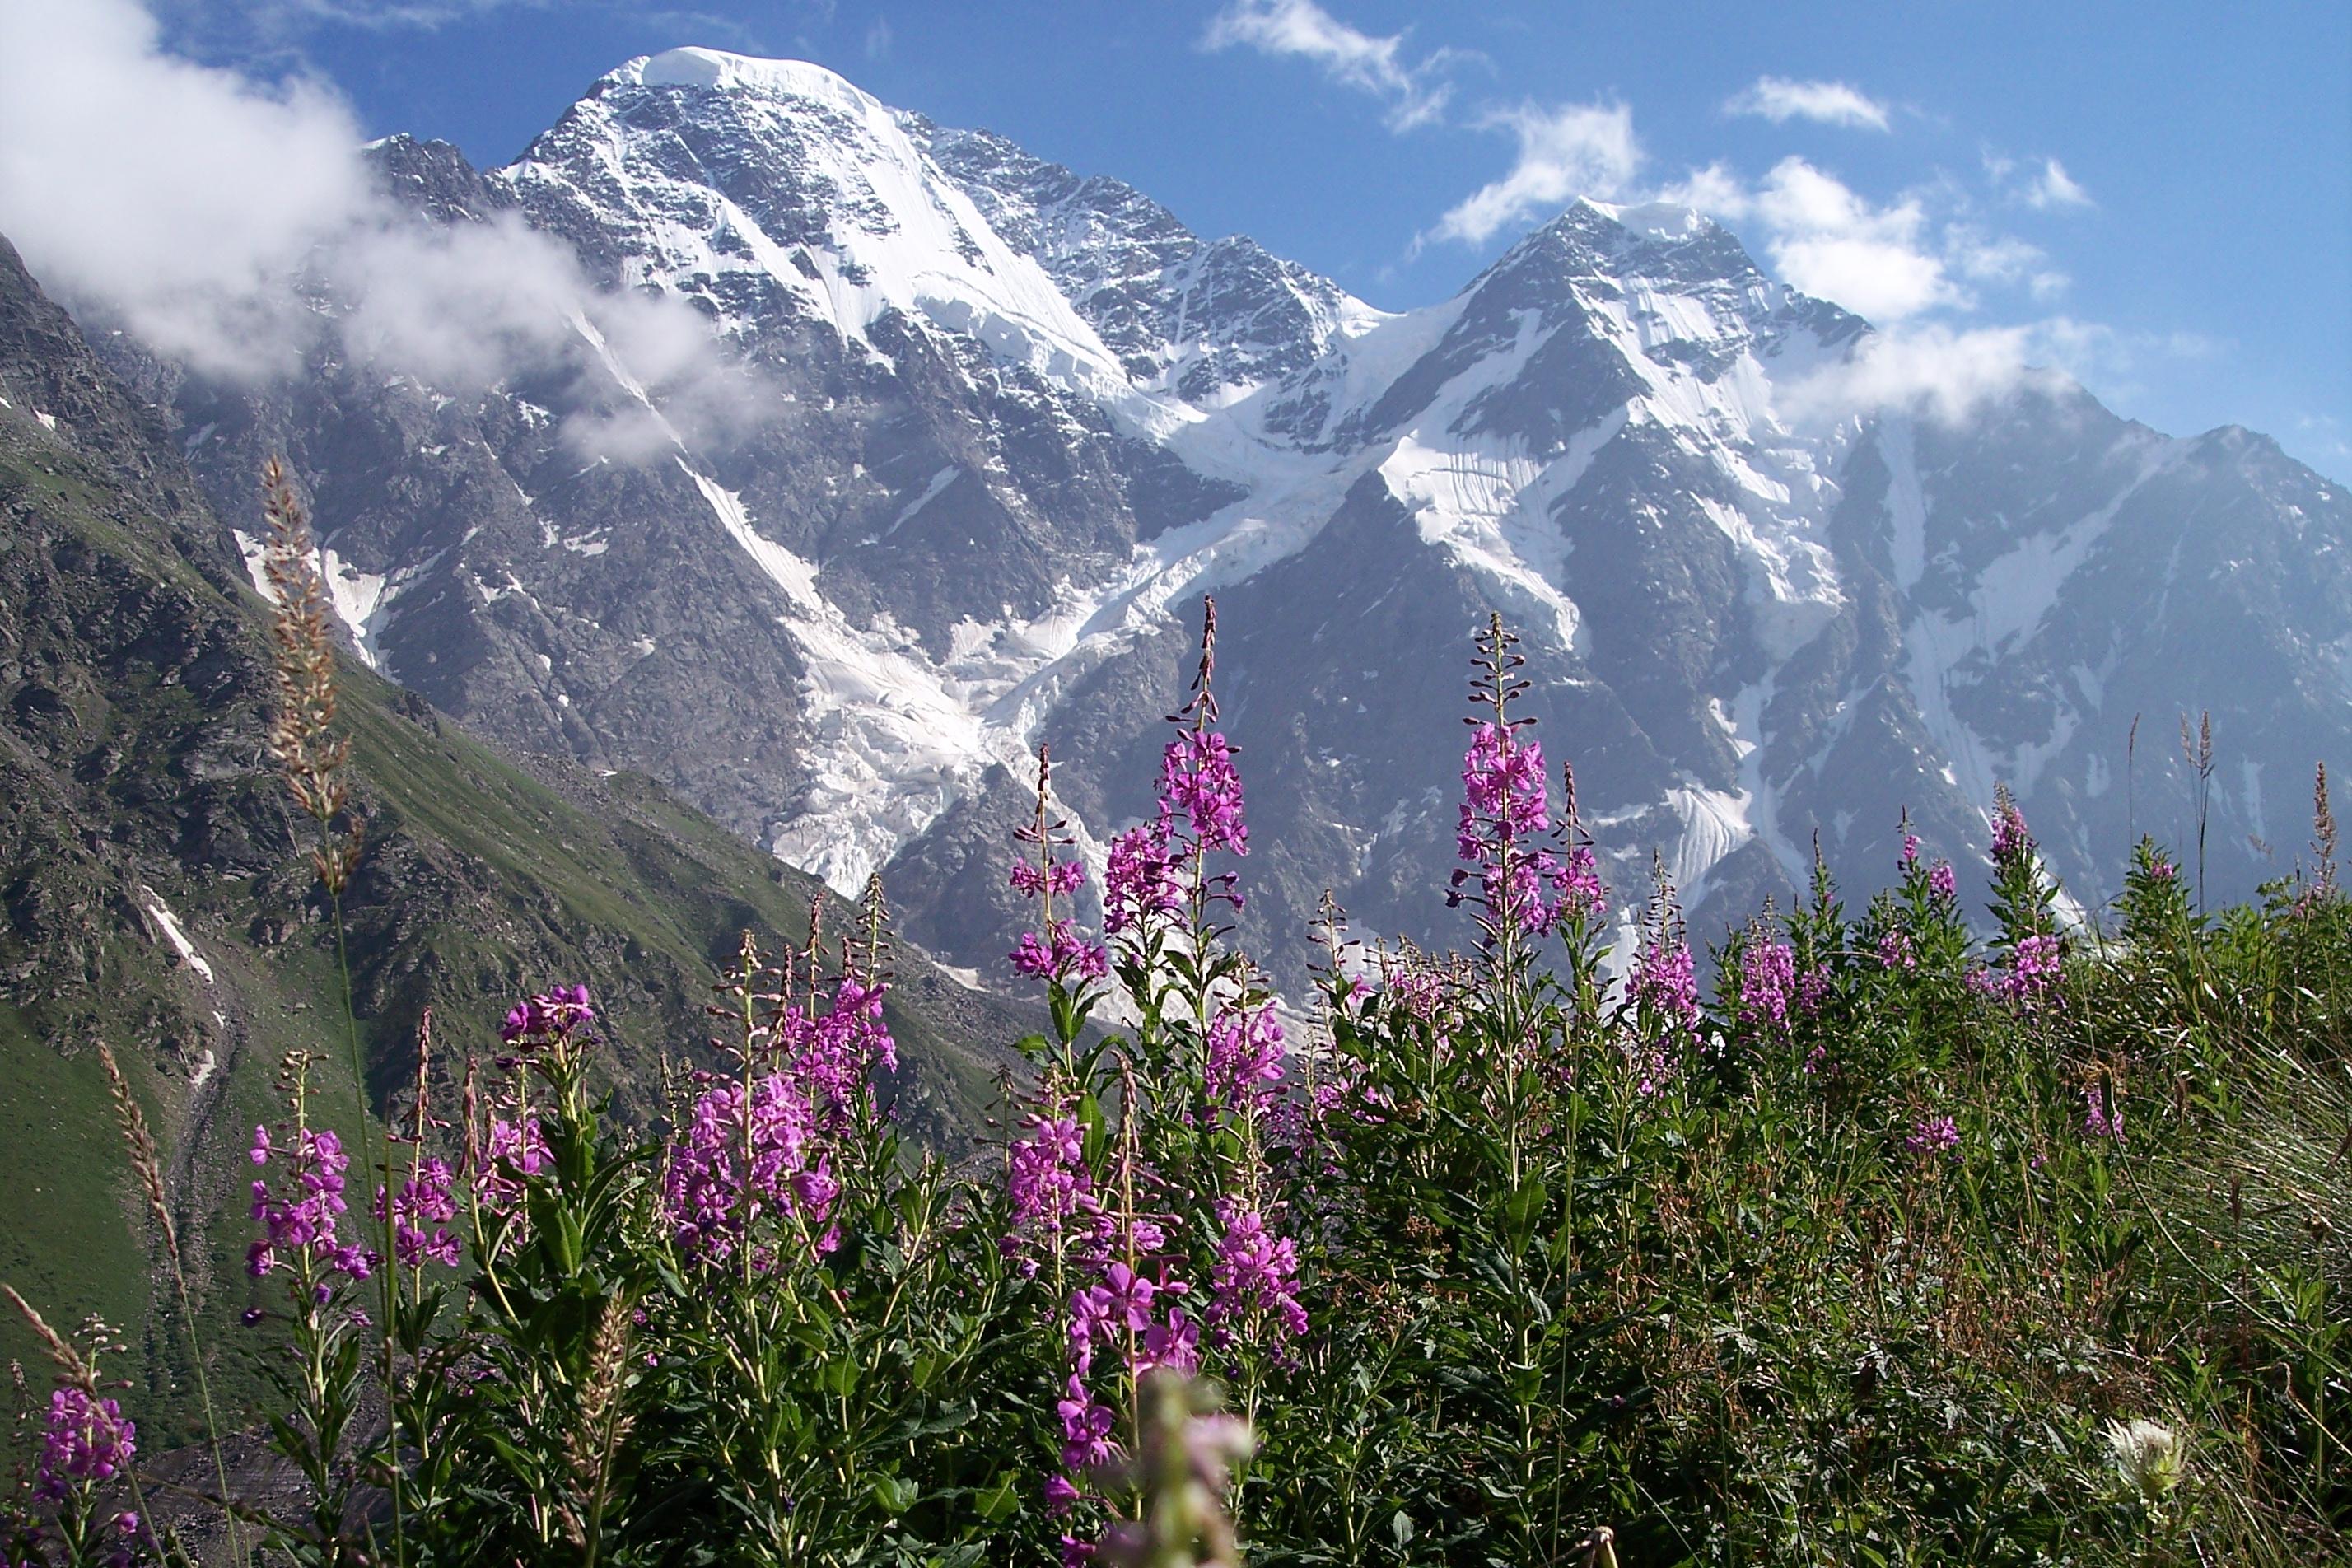 Unterwegs im Bergparadies ...